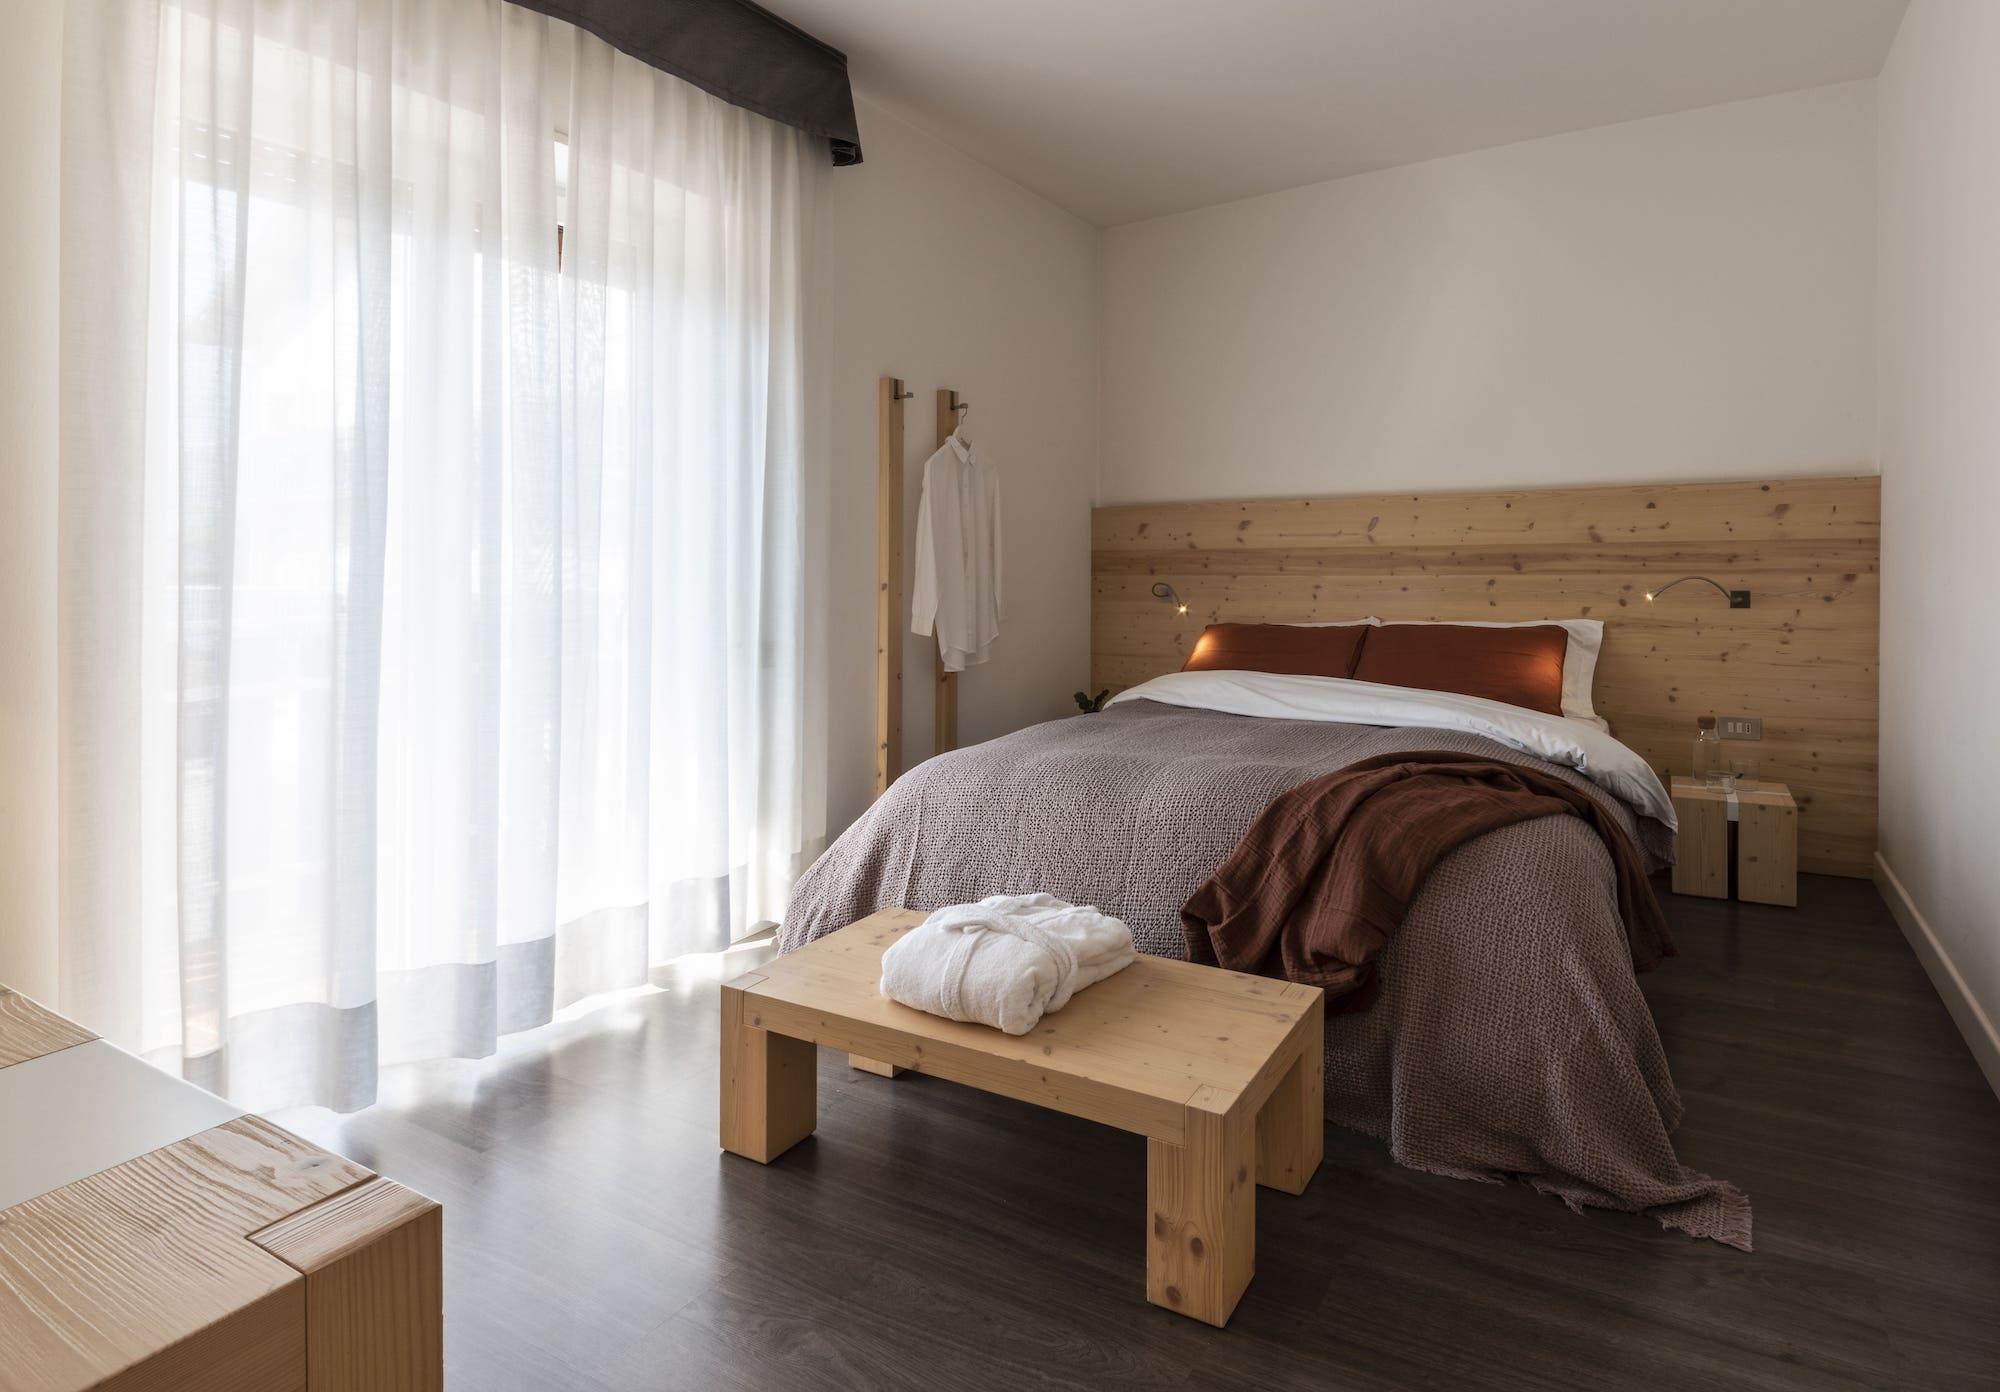 hotelalsorriso8